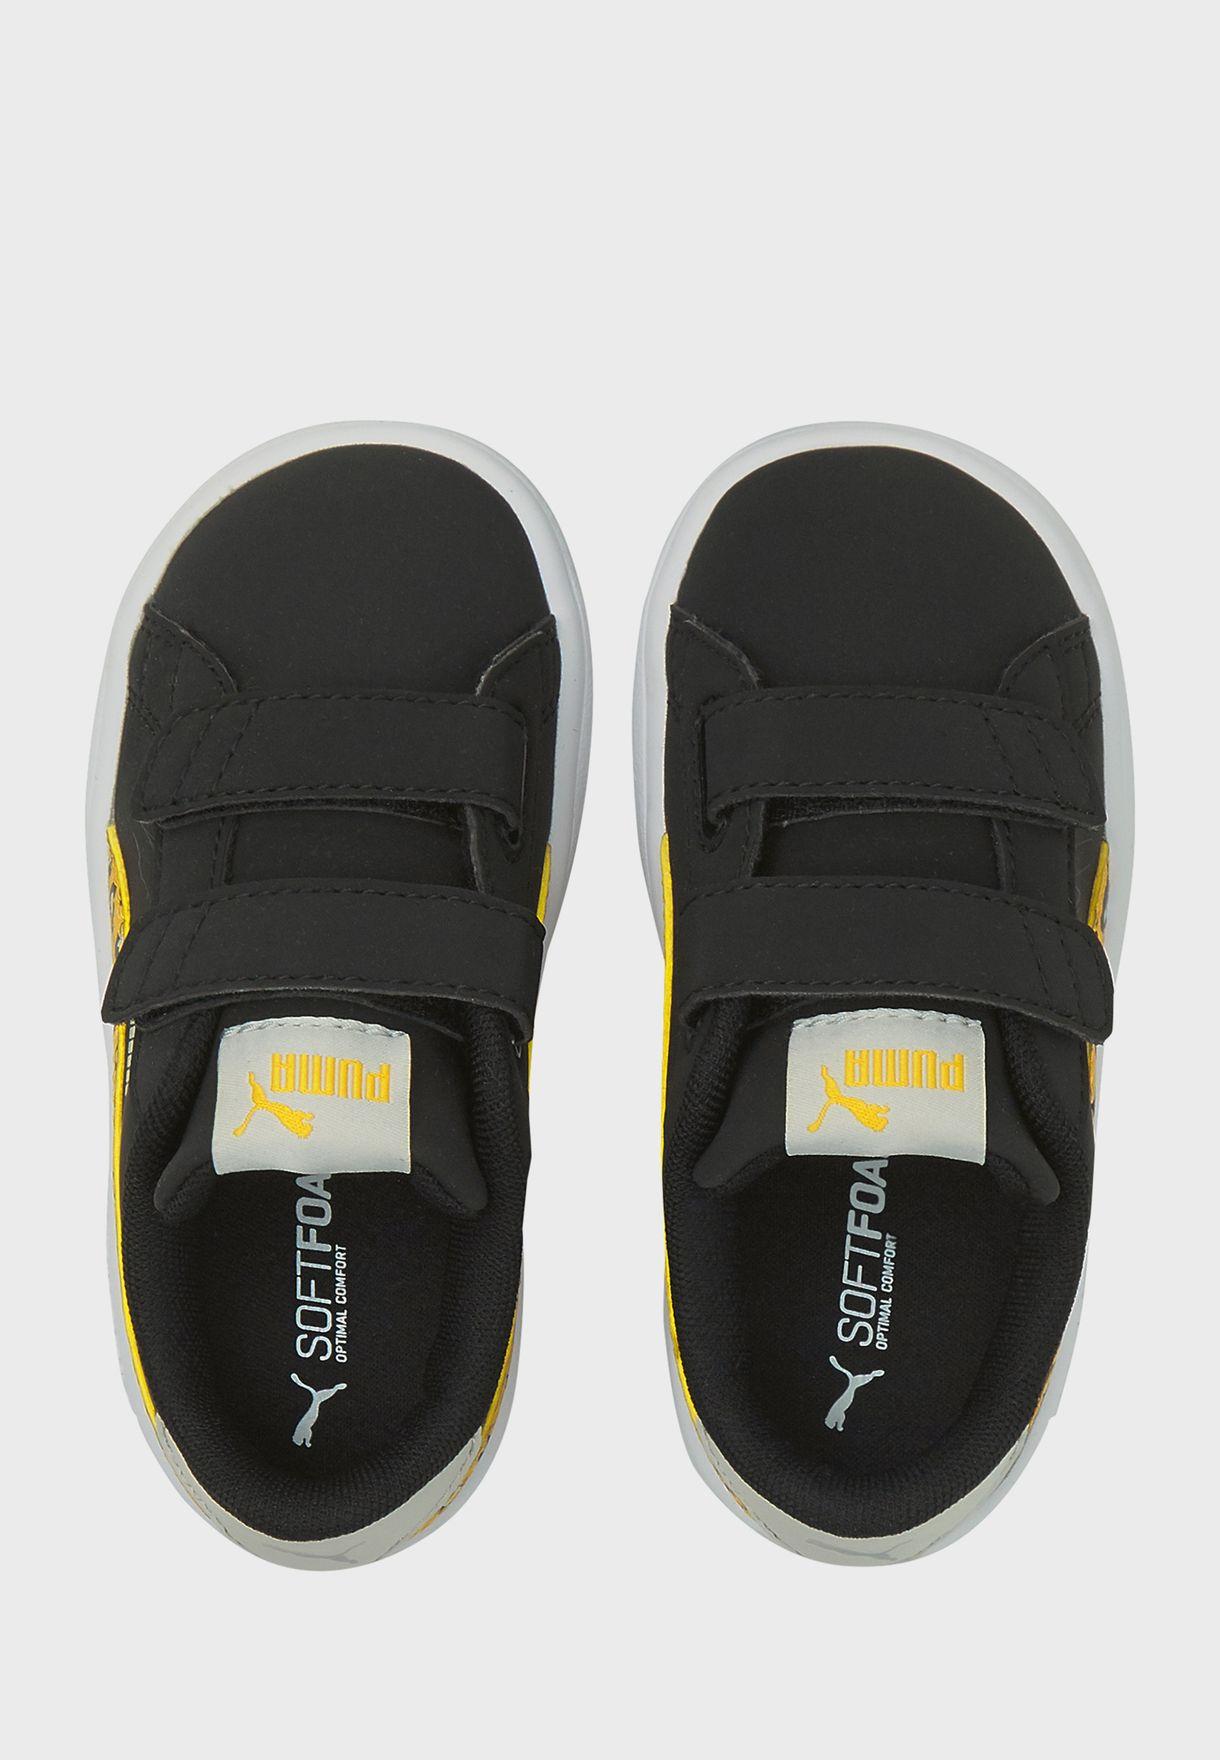 حذاء سماس في 2 رور في للبيبي